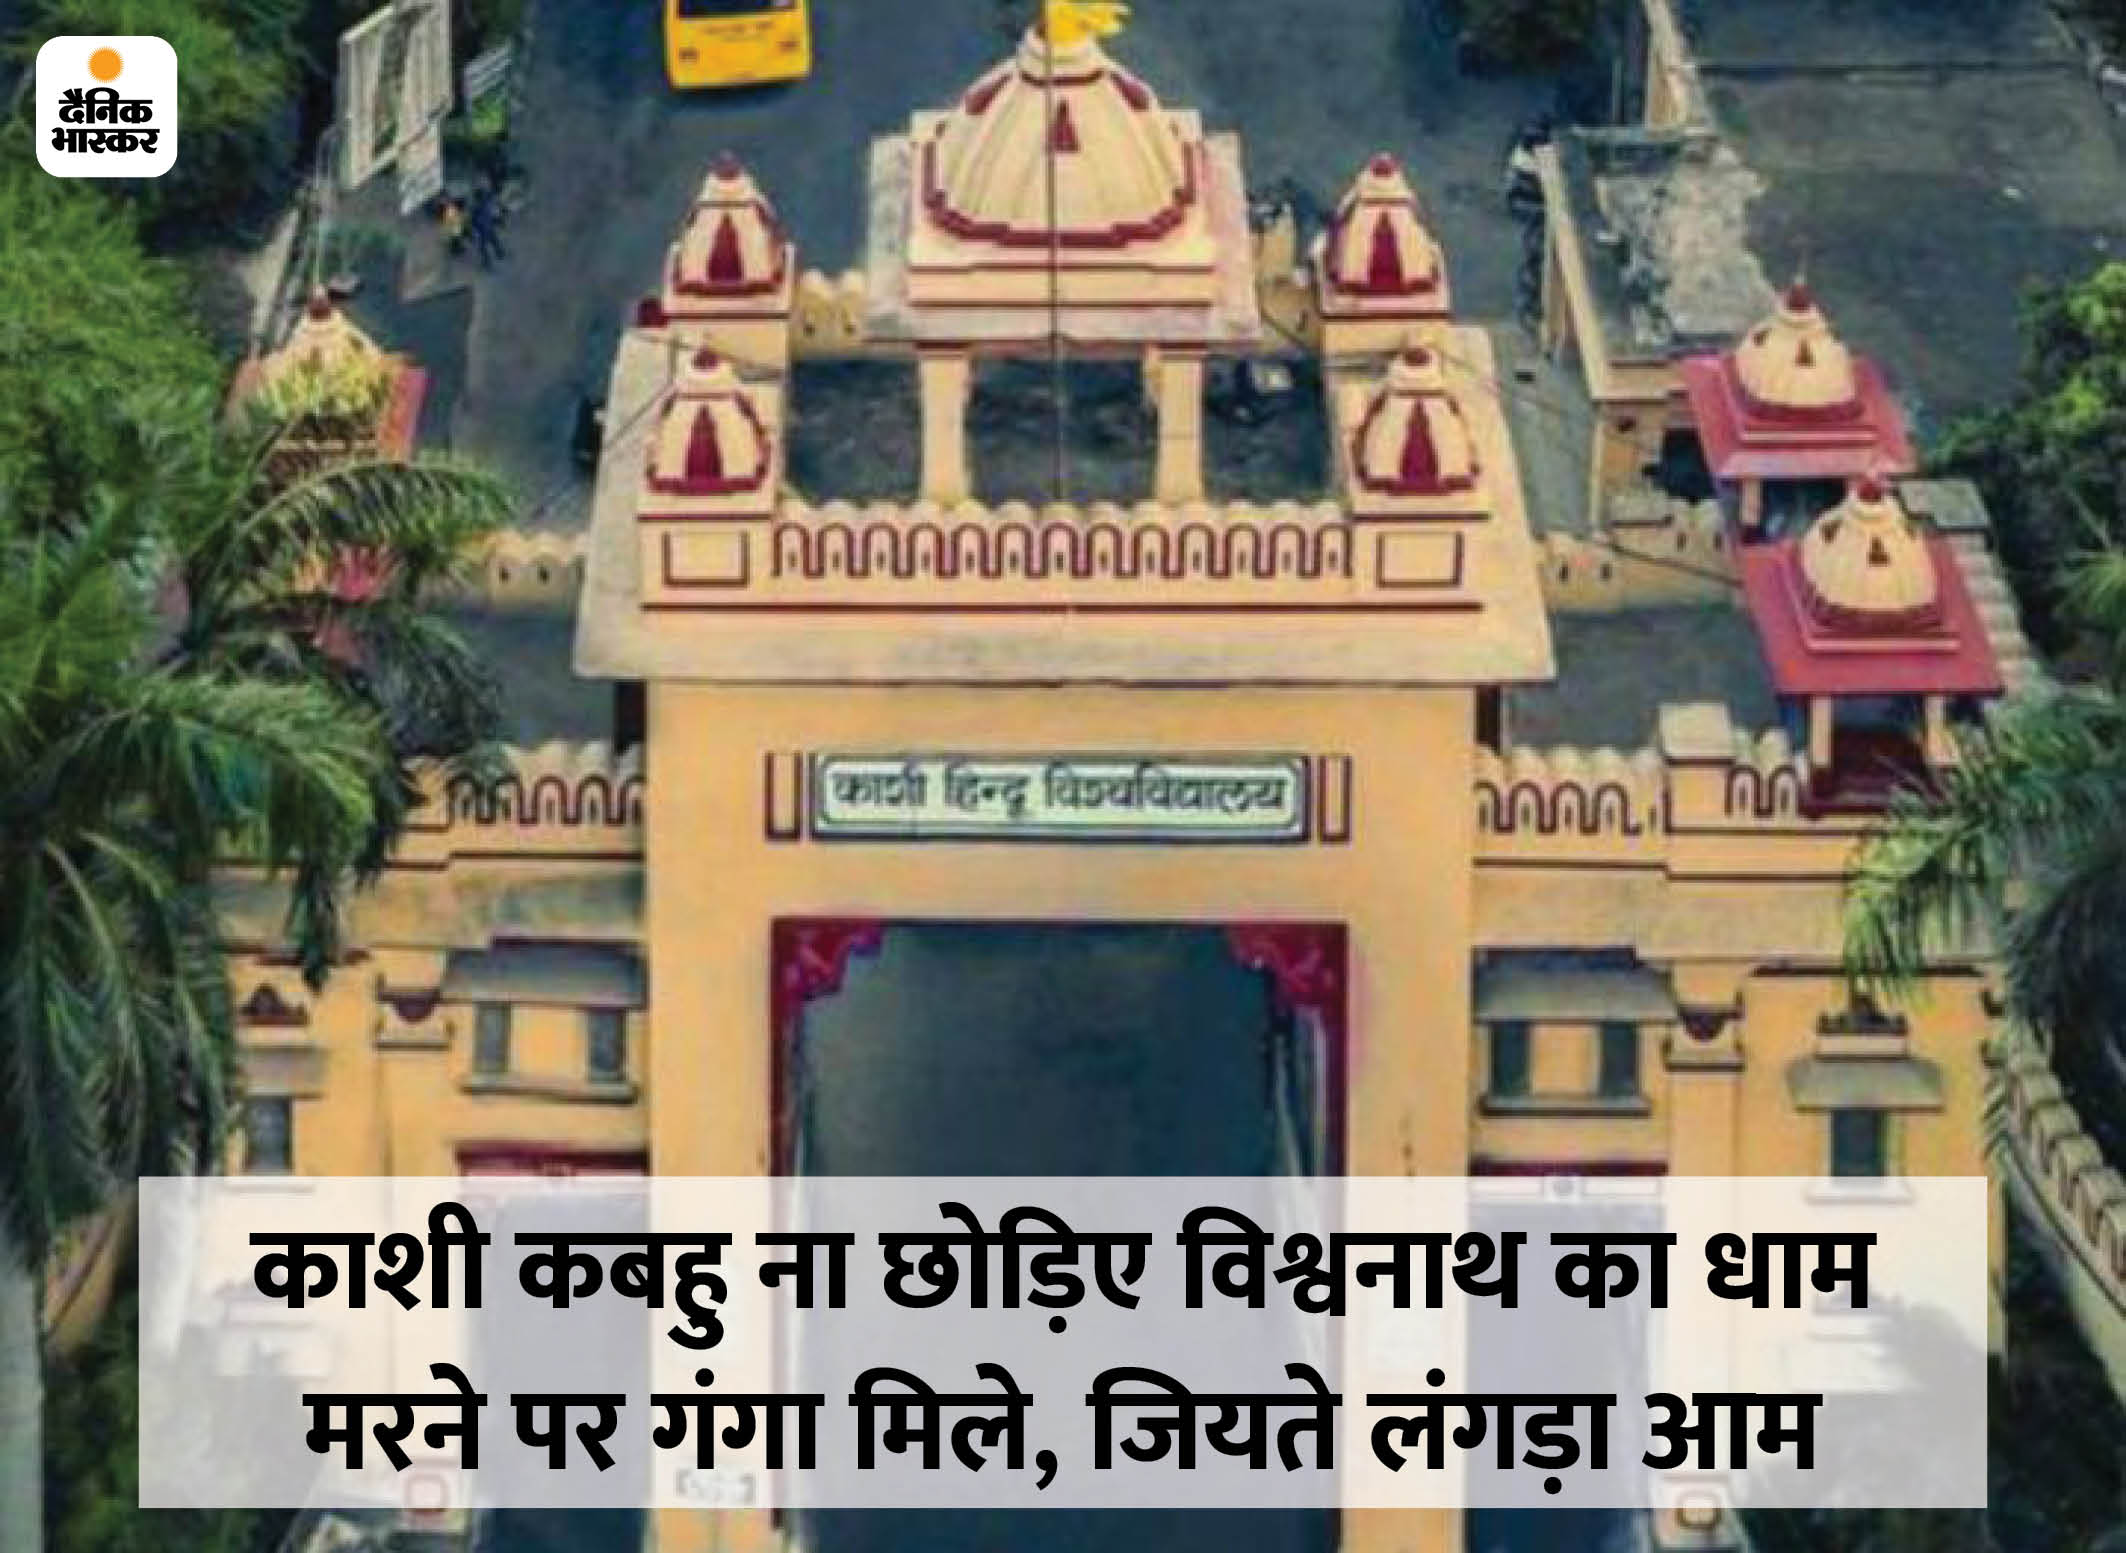 दो साल के PG कोर्स को मंजूरी; दिया जाएगा लंगड़ा आम से लेकर बिस्मिल्ला खान की तान का ज्ञान वाराणसी,Varanasi - Dainik Bhaskar